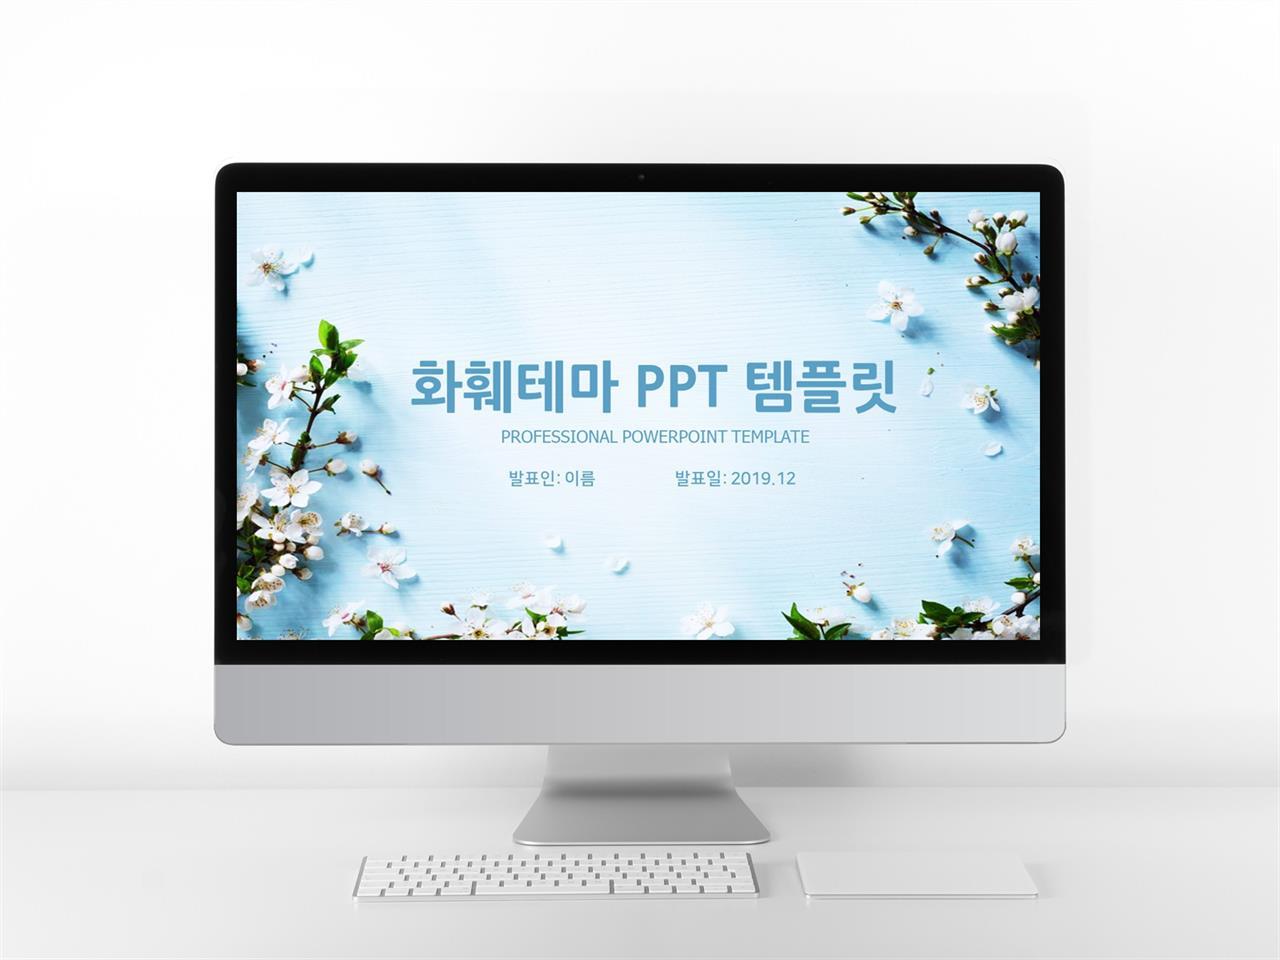 플라워, 동물주제 하늘색 귀여운 시선을 사로잡는 PPT탬플릿 만들기 미리보기